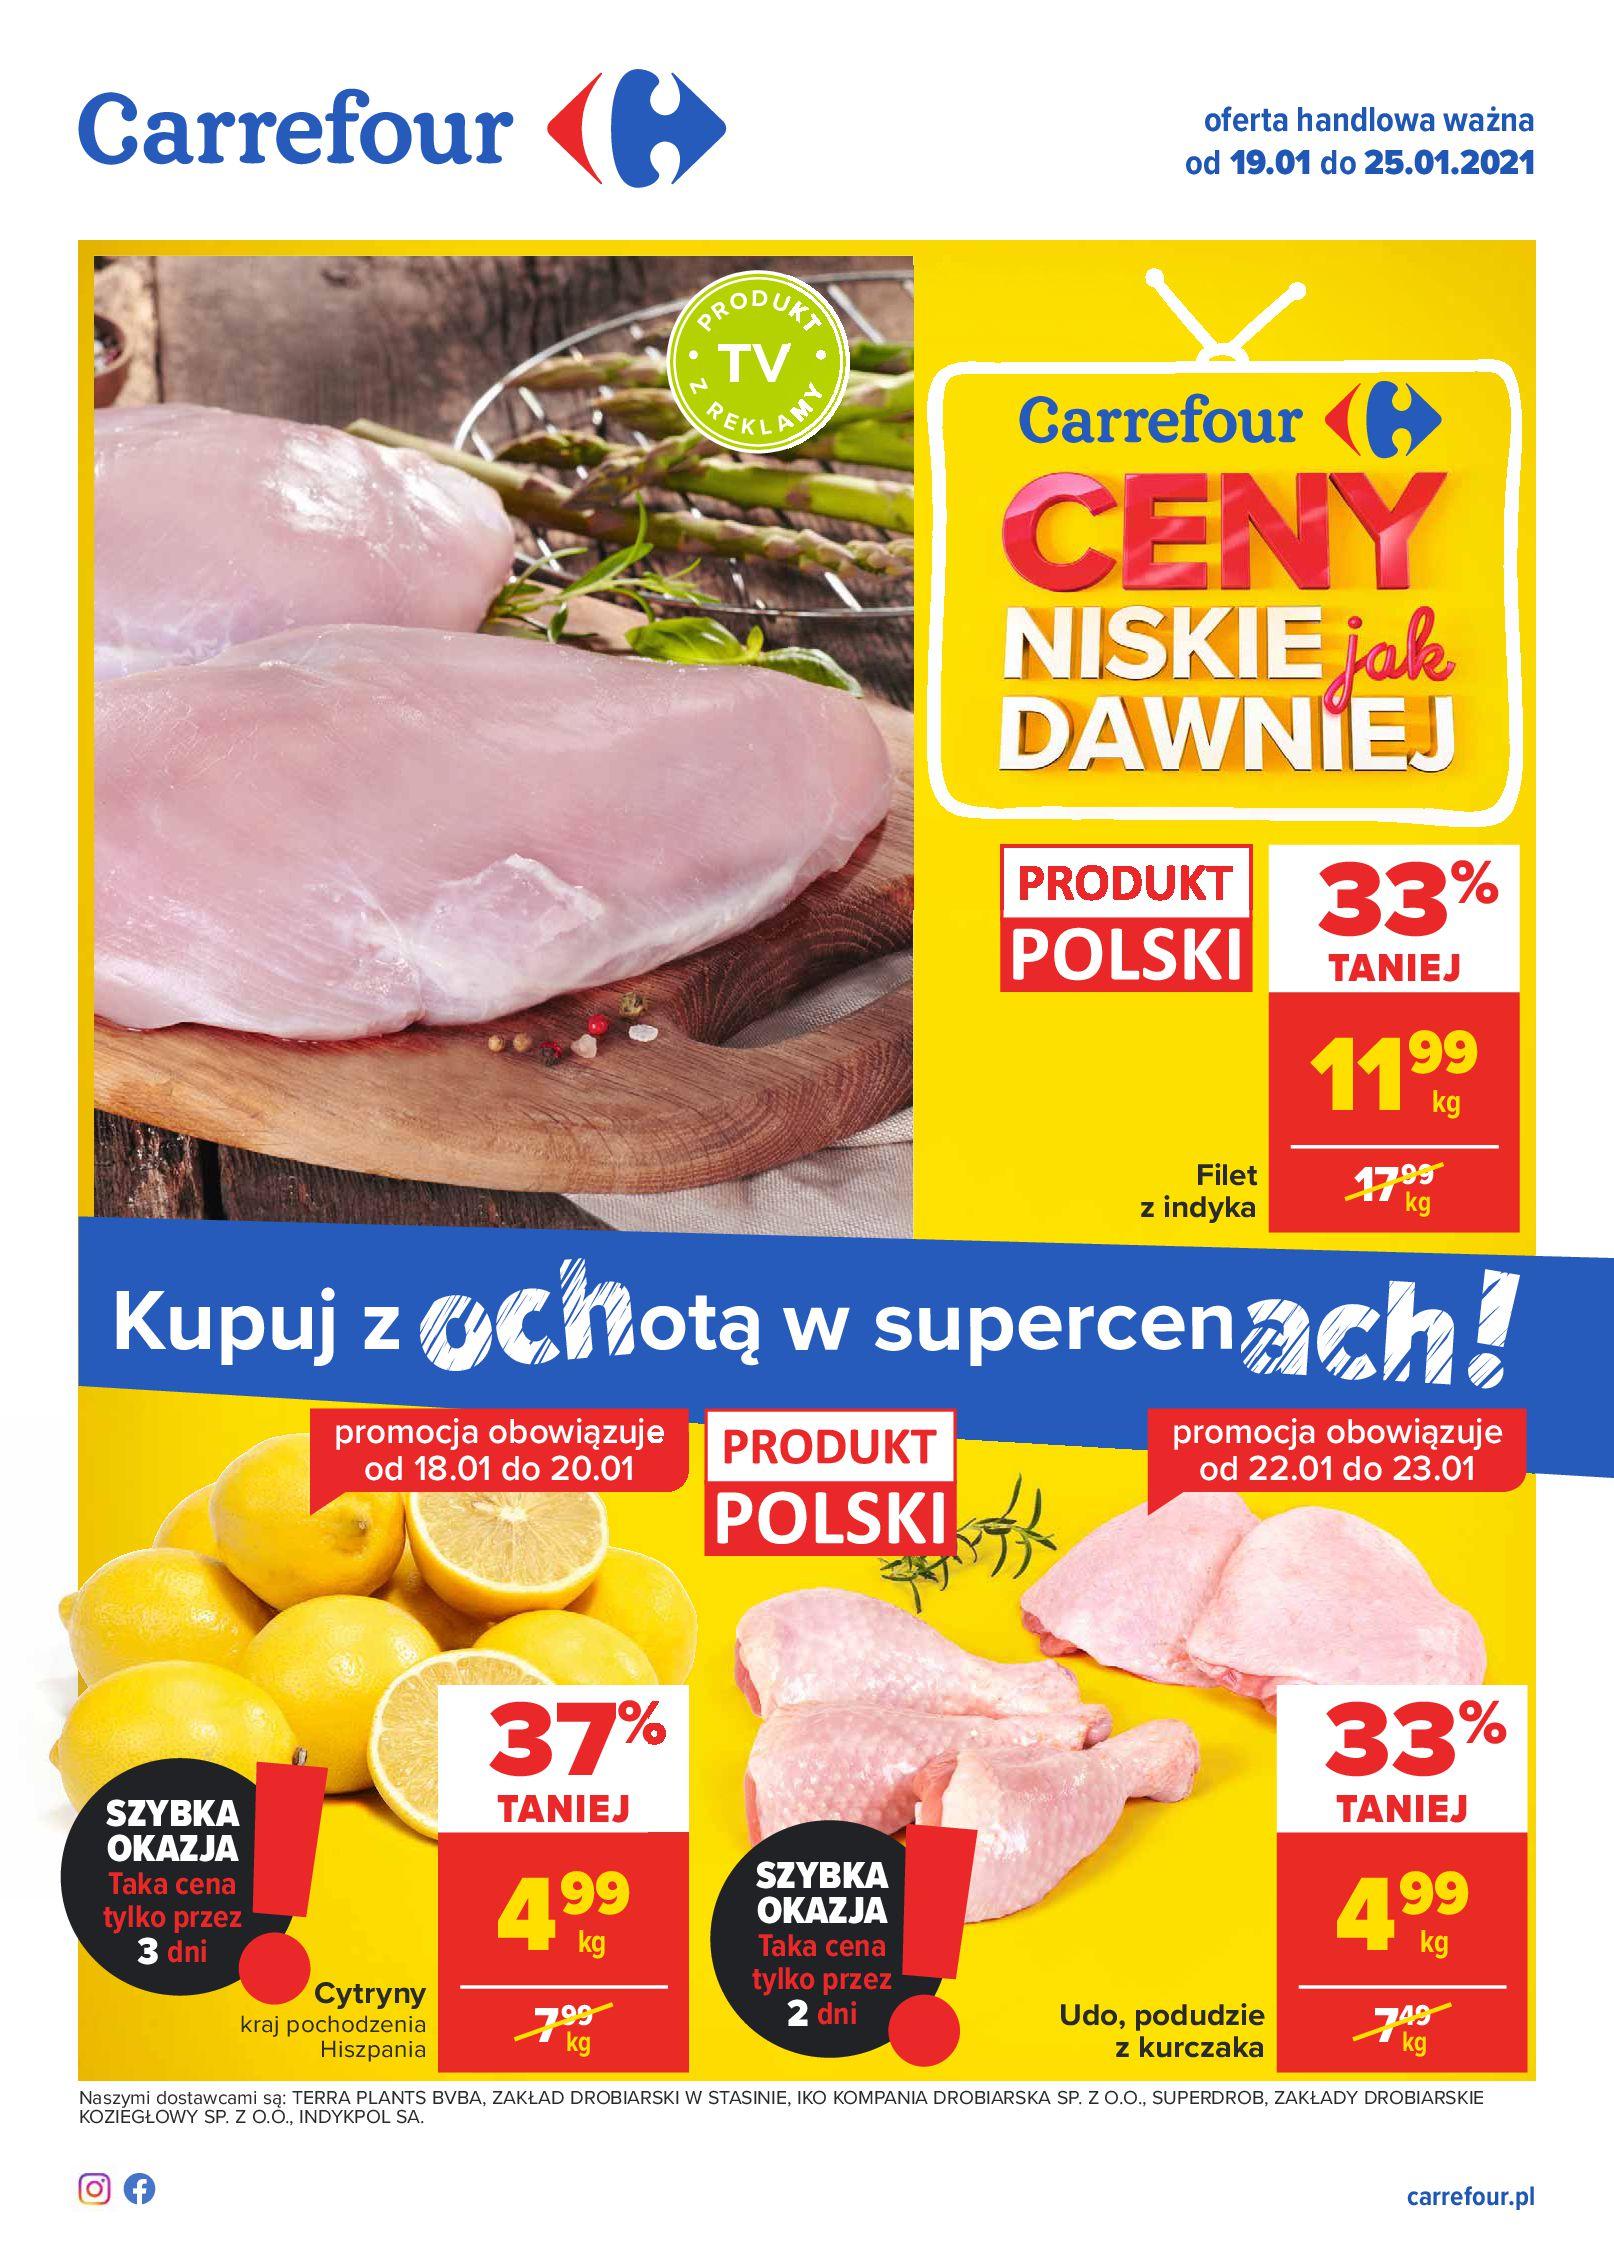 Carrefour:  Oferta handlowa - Carrefour 18.01.2021